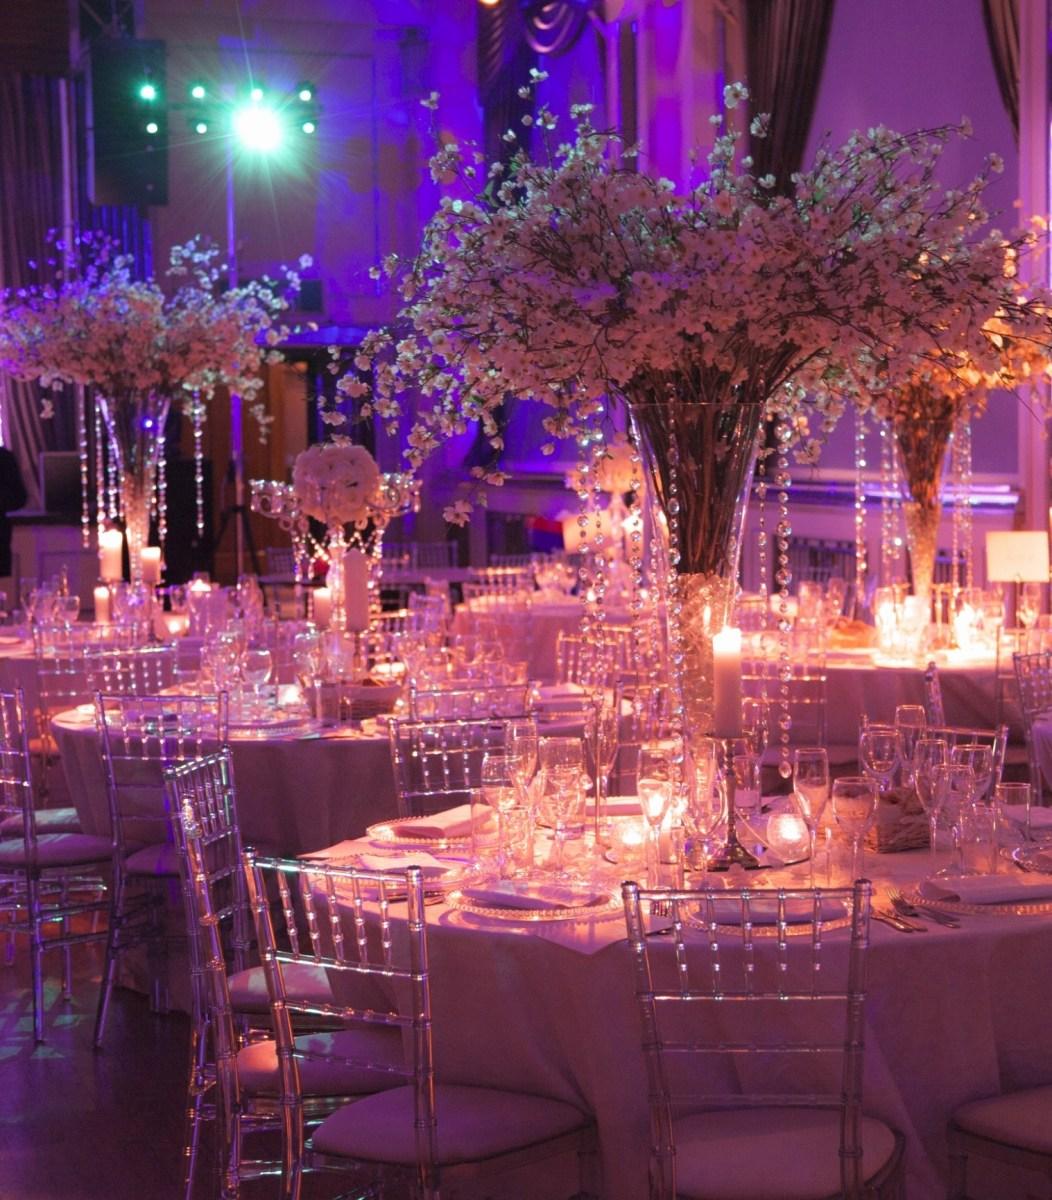 Wedding Decorations Elegant White Wedding Receptions White Wedding Decorations With Elegant